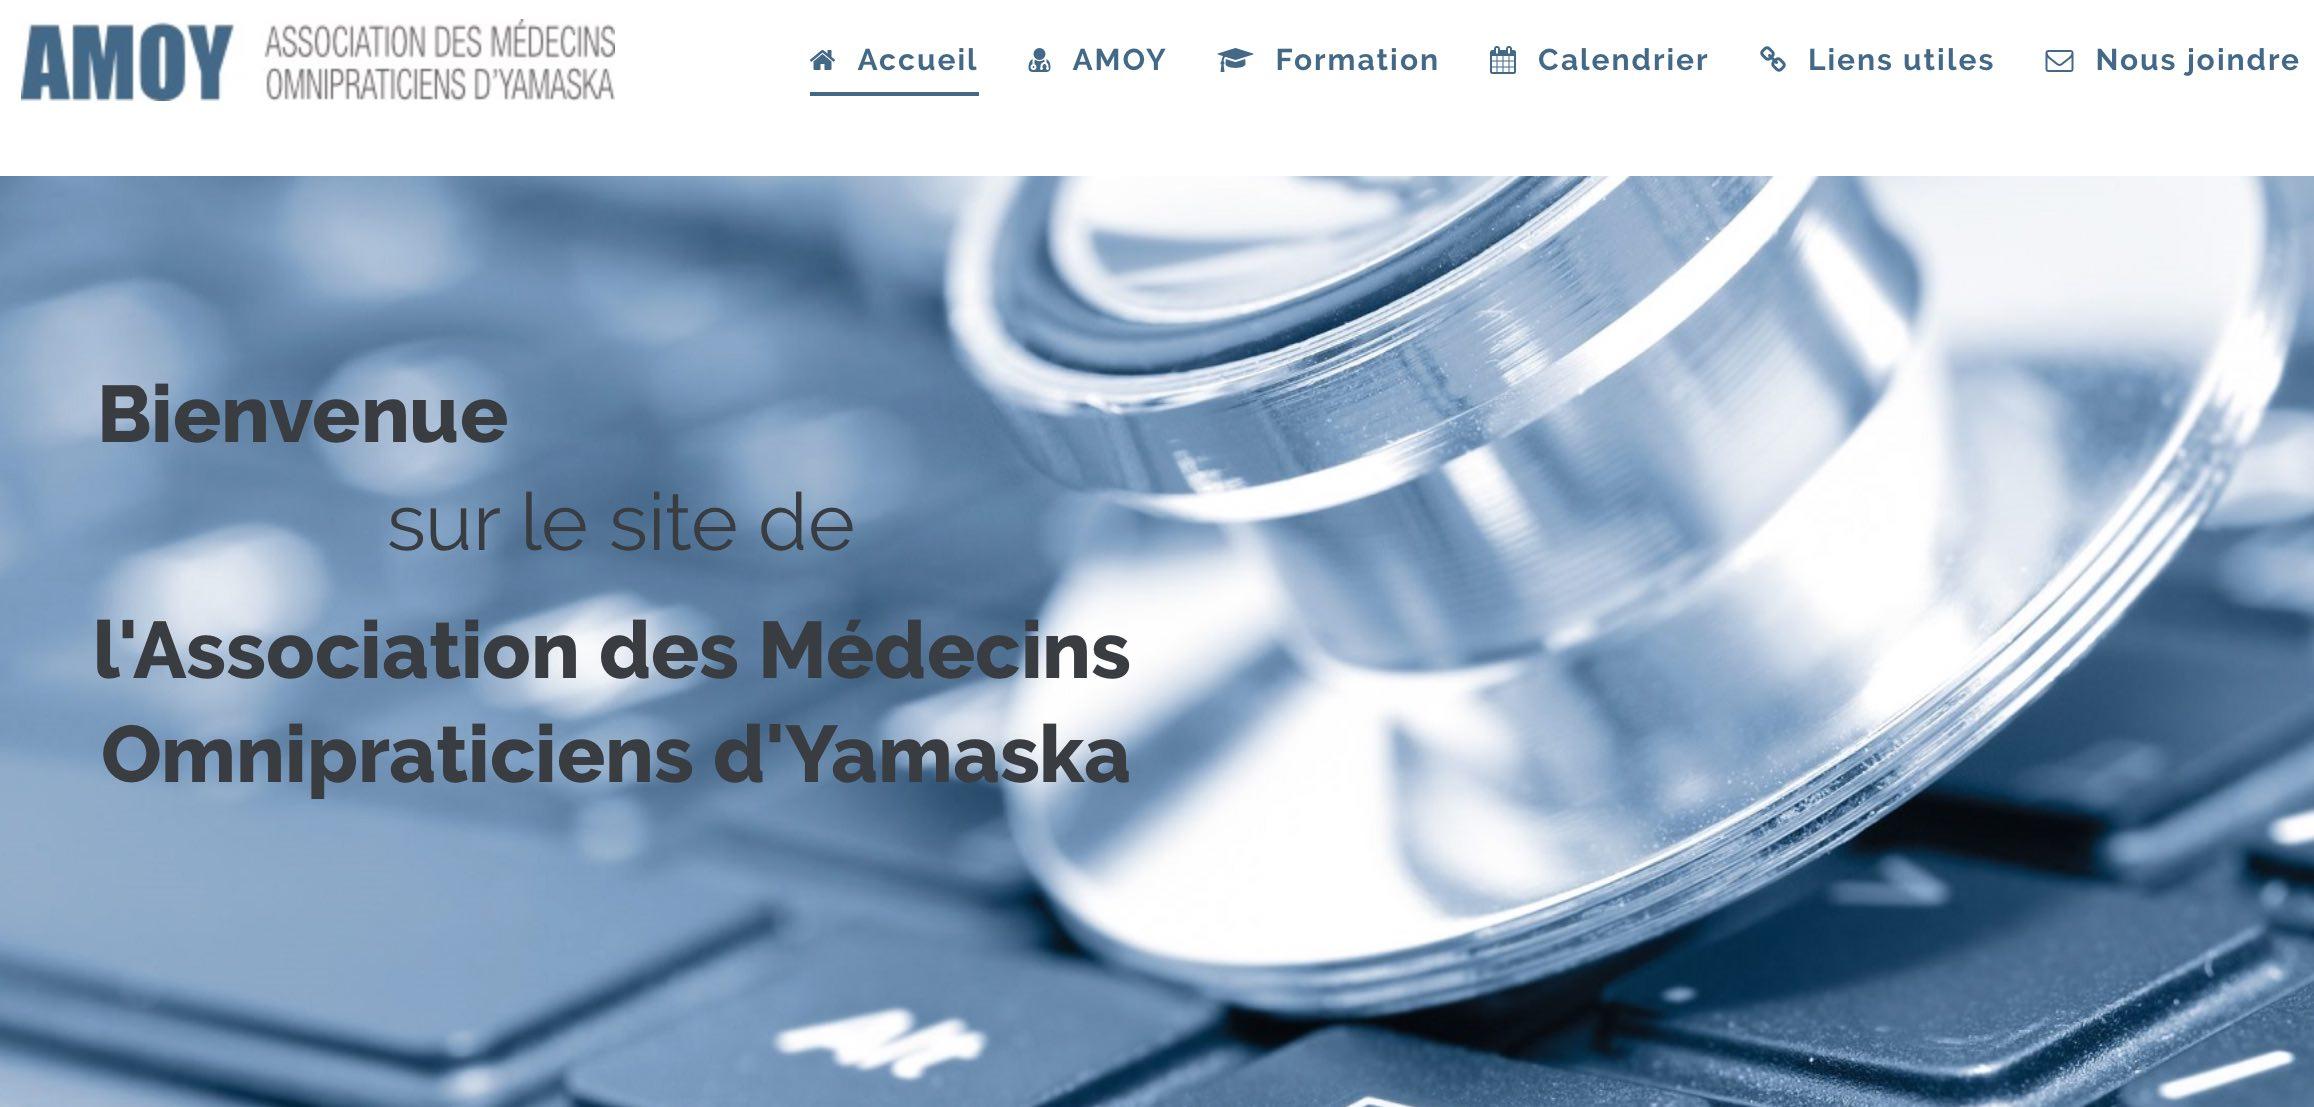 site Internet de l'AMOY